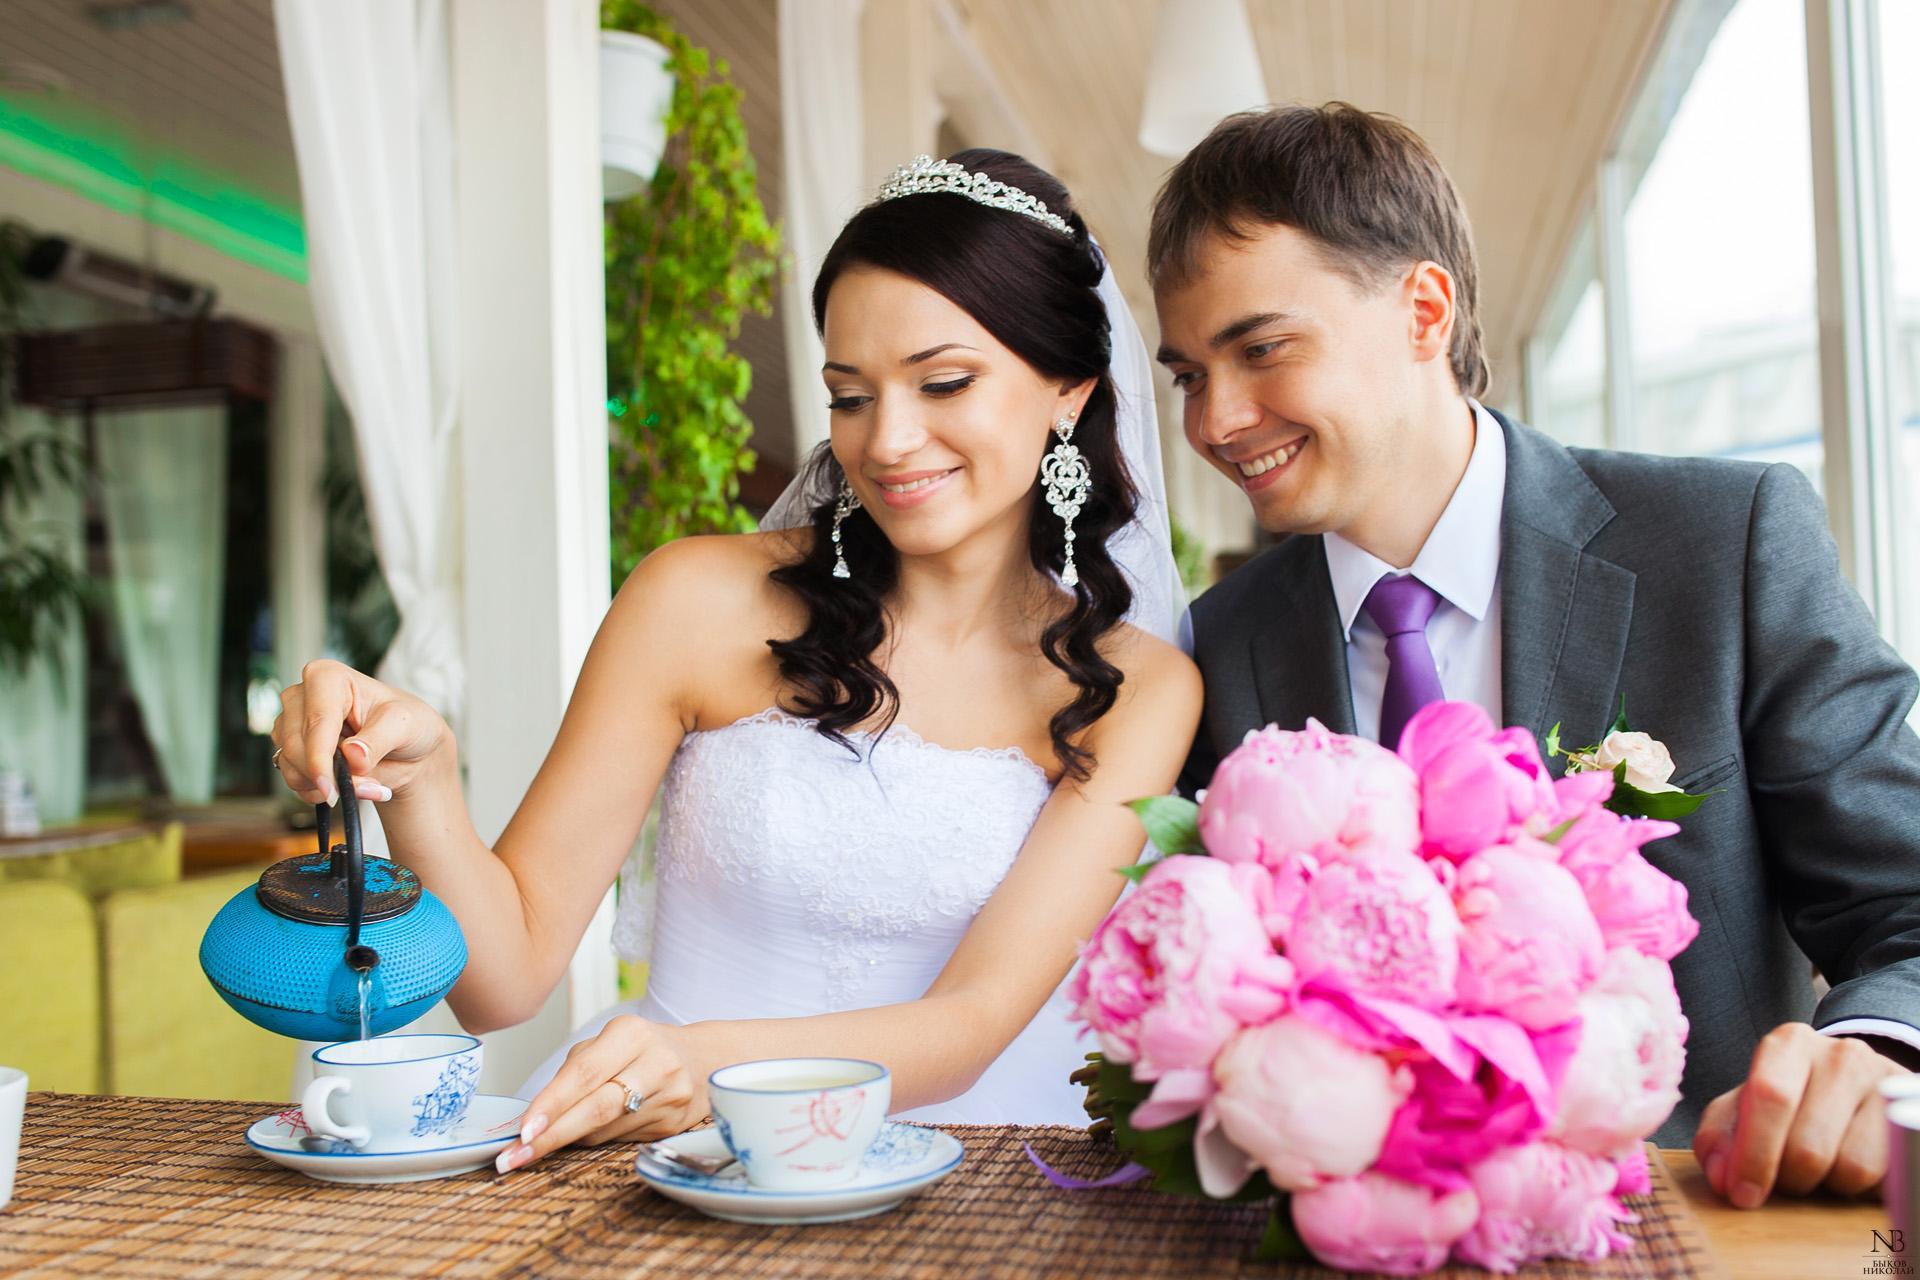 Как фотографировать жениха и невесту